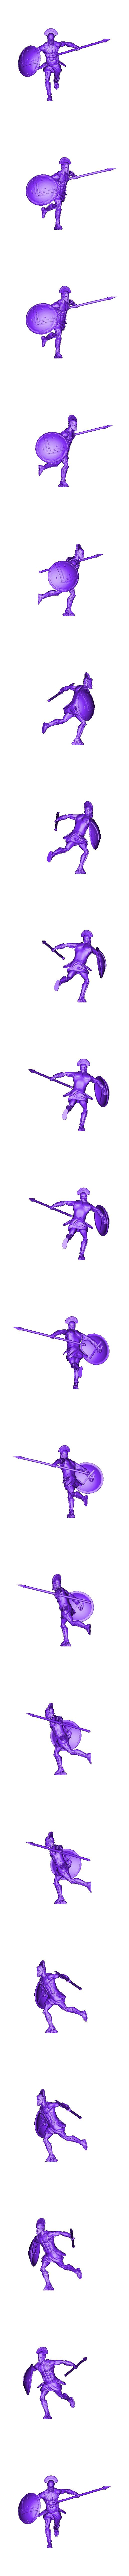 Spartan_Jump_2_-_28_mm.stl Télécharger fichier STL gratuit Spartans jump - Miniature 28mm 35mm 50mm • Plan pour impression 3D, BODY3D